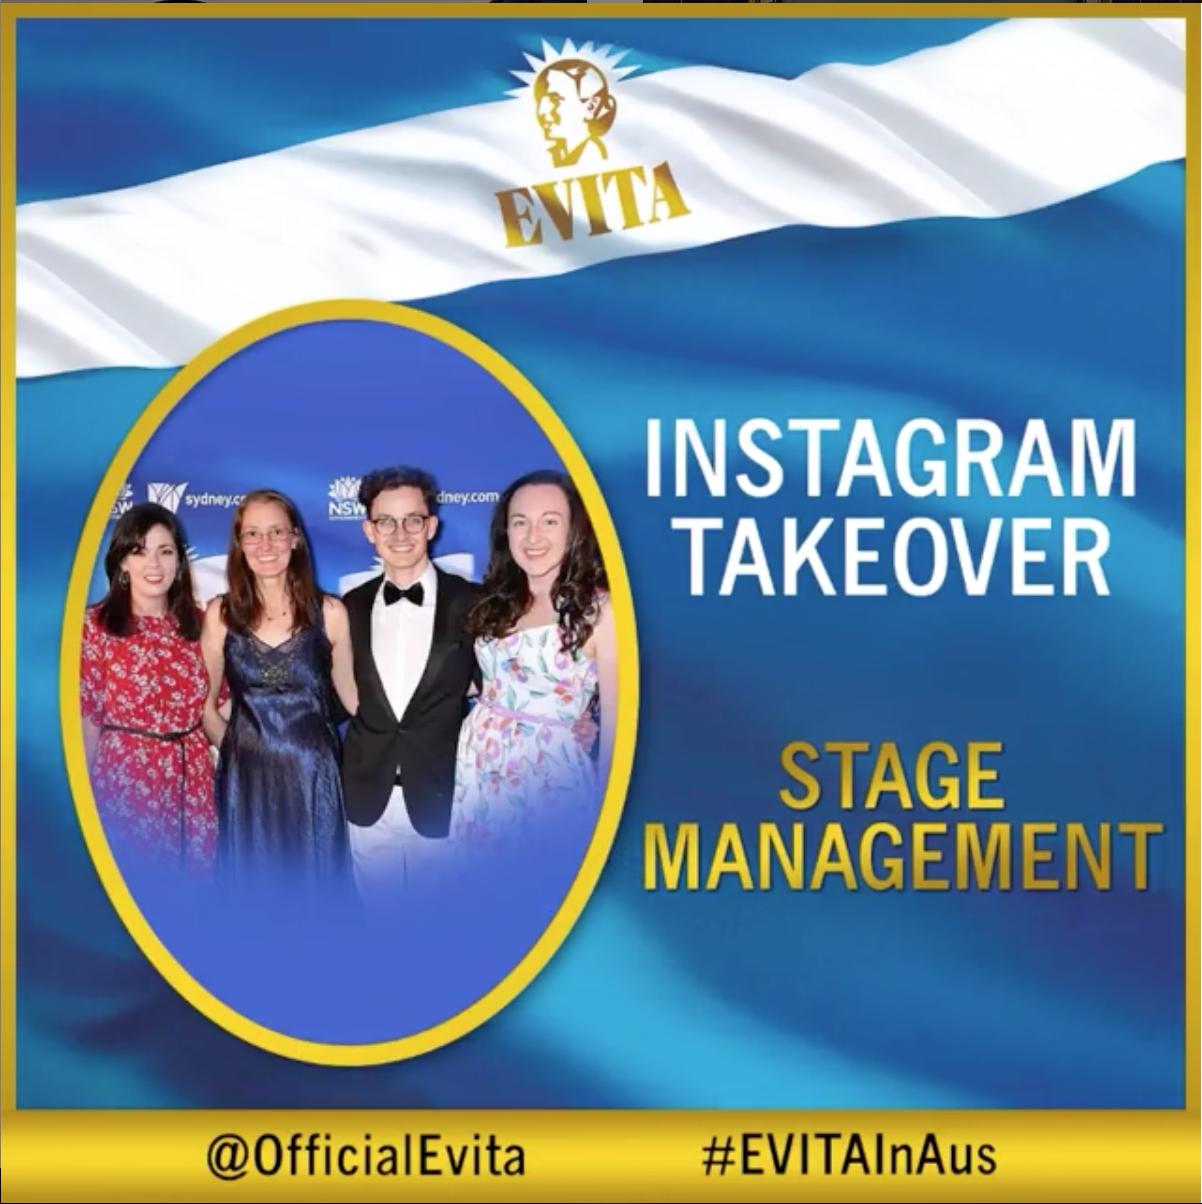 Evita Instagram Takeover -